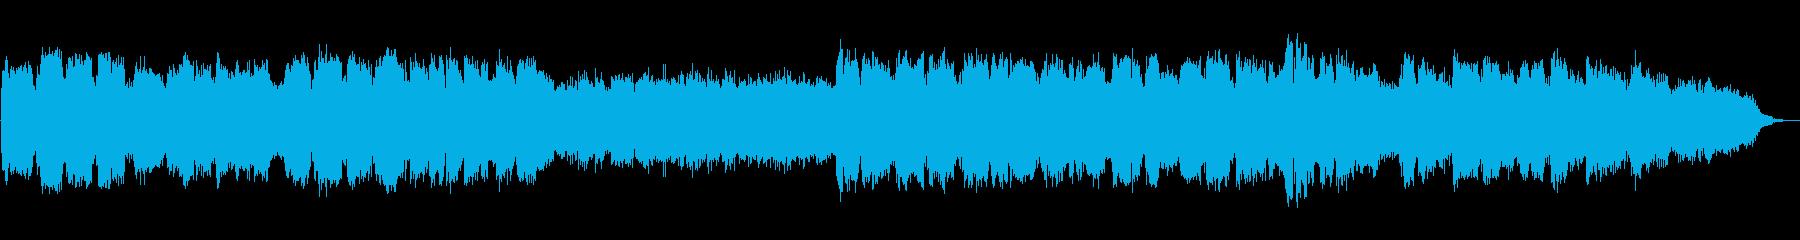 暖かく切ない笛のヒーリングミュージックの再生済みの波形